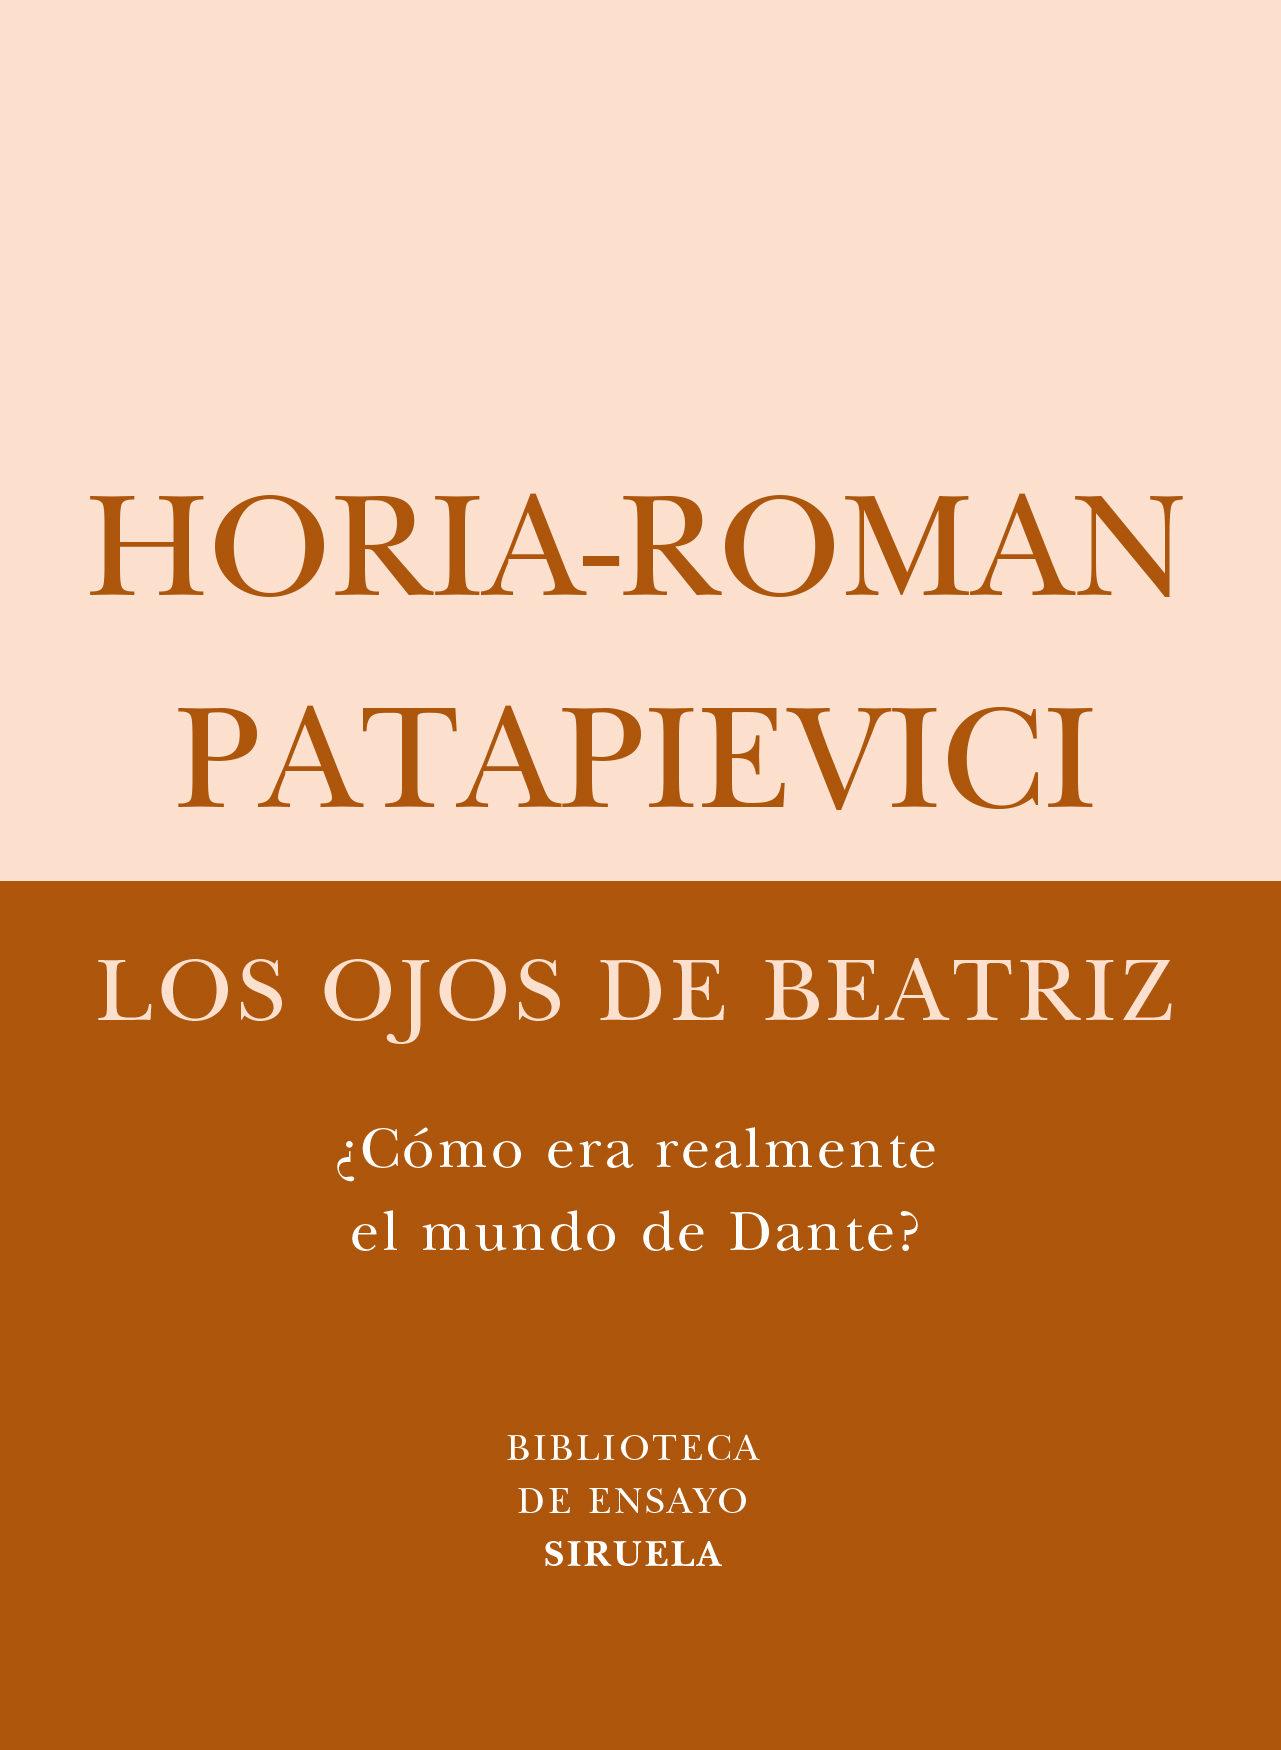 Los Ojos De Beatriz (¿como Era Realmente El Mundo De Dante?) - Patapievici Horia-roman